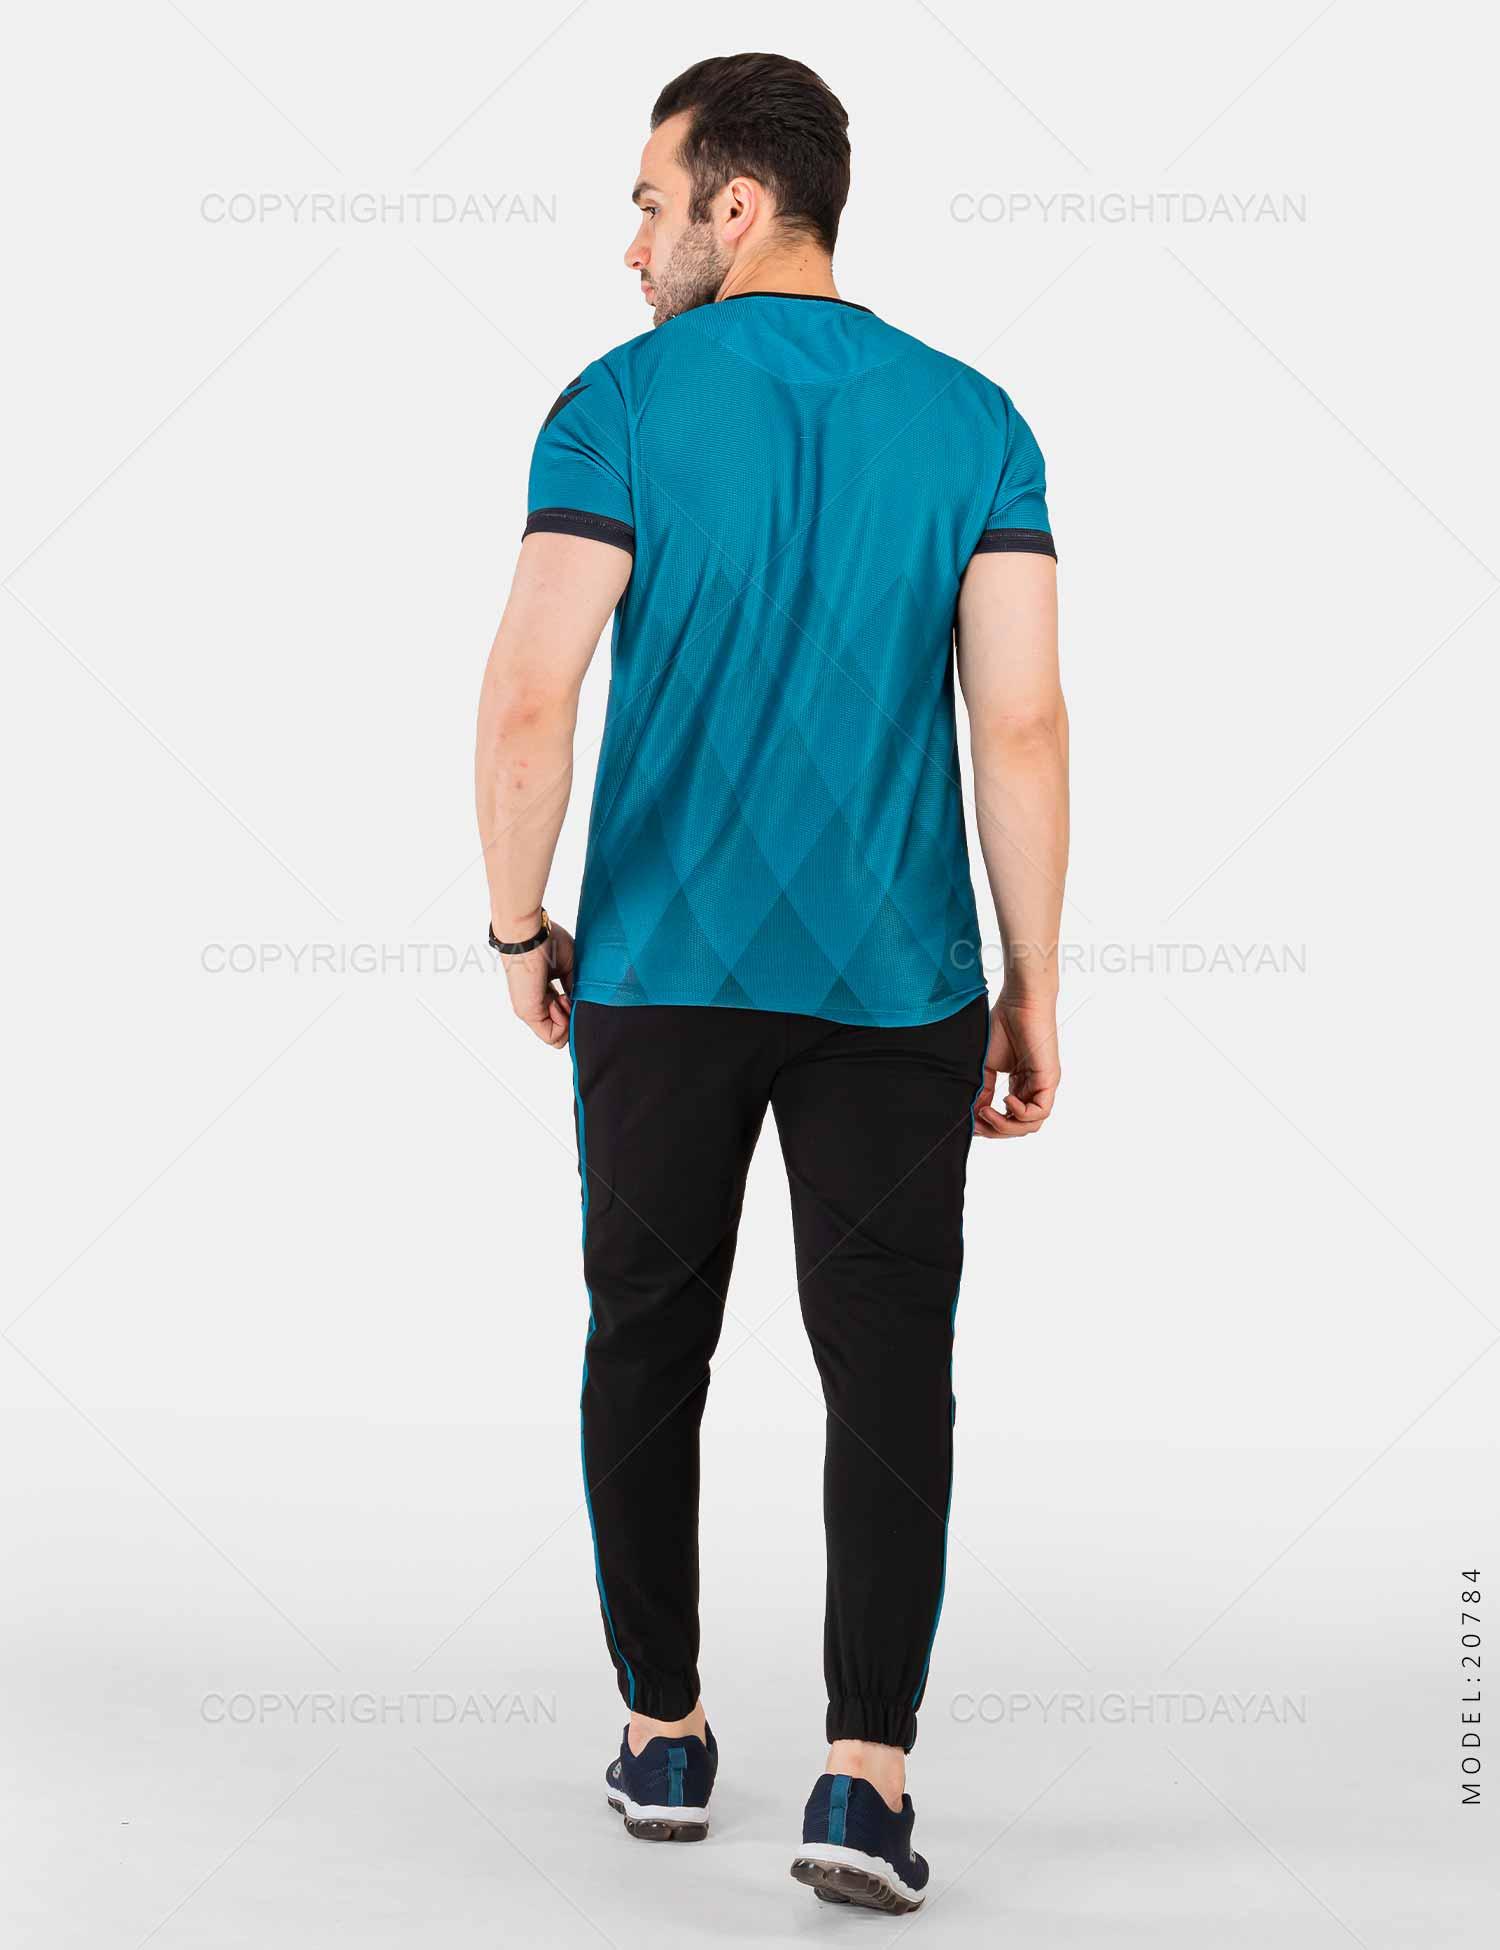 ست تیشرت و شلوار مردانه Esteghlal مدل 20784 ست تیشرت و شلوار مردانه Esteghlal مدل 20784 199,000 تومان